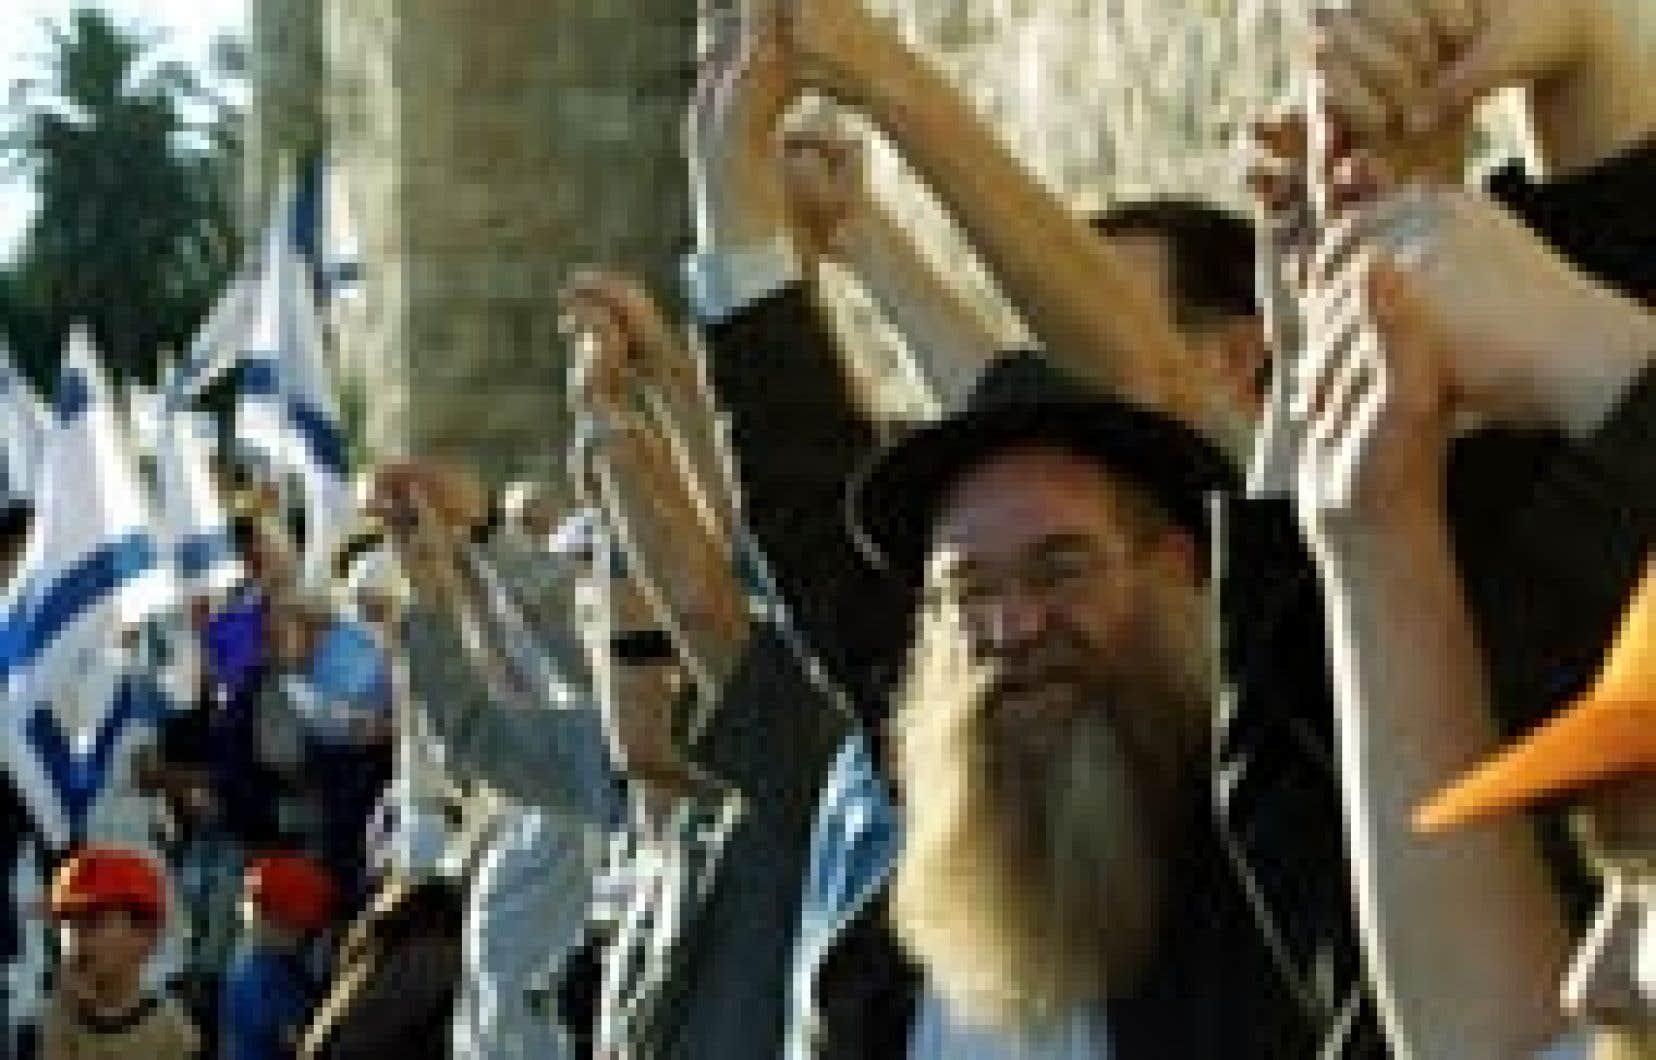 De la vieille ville de Jérusalem à la bande de Gaza, des milliers d'Israéliens se sont donné la main sur une distance de 90 km.